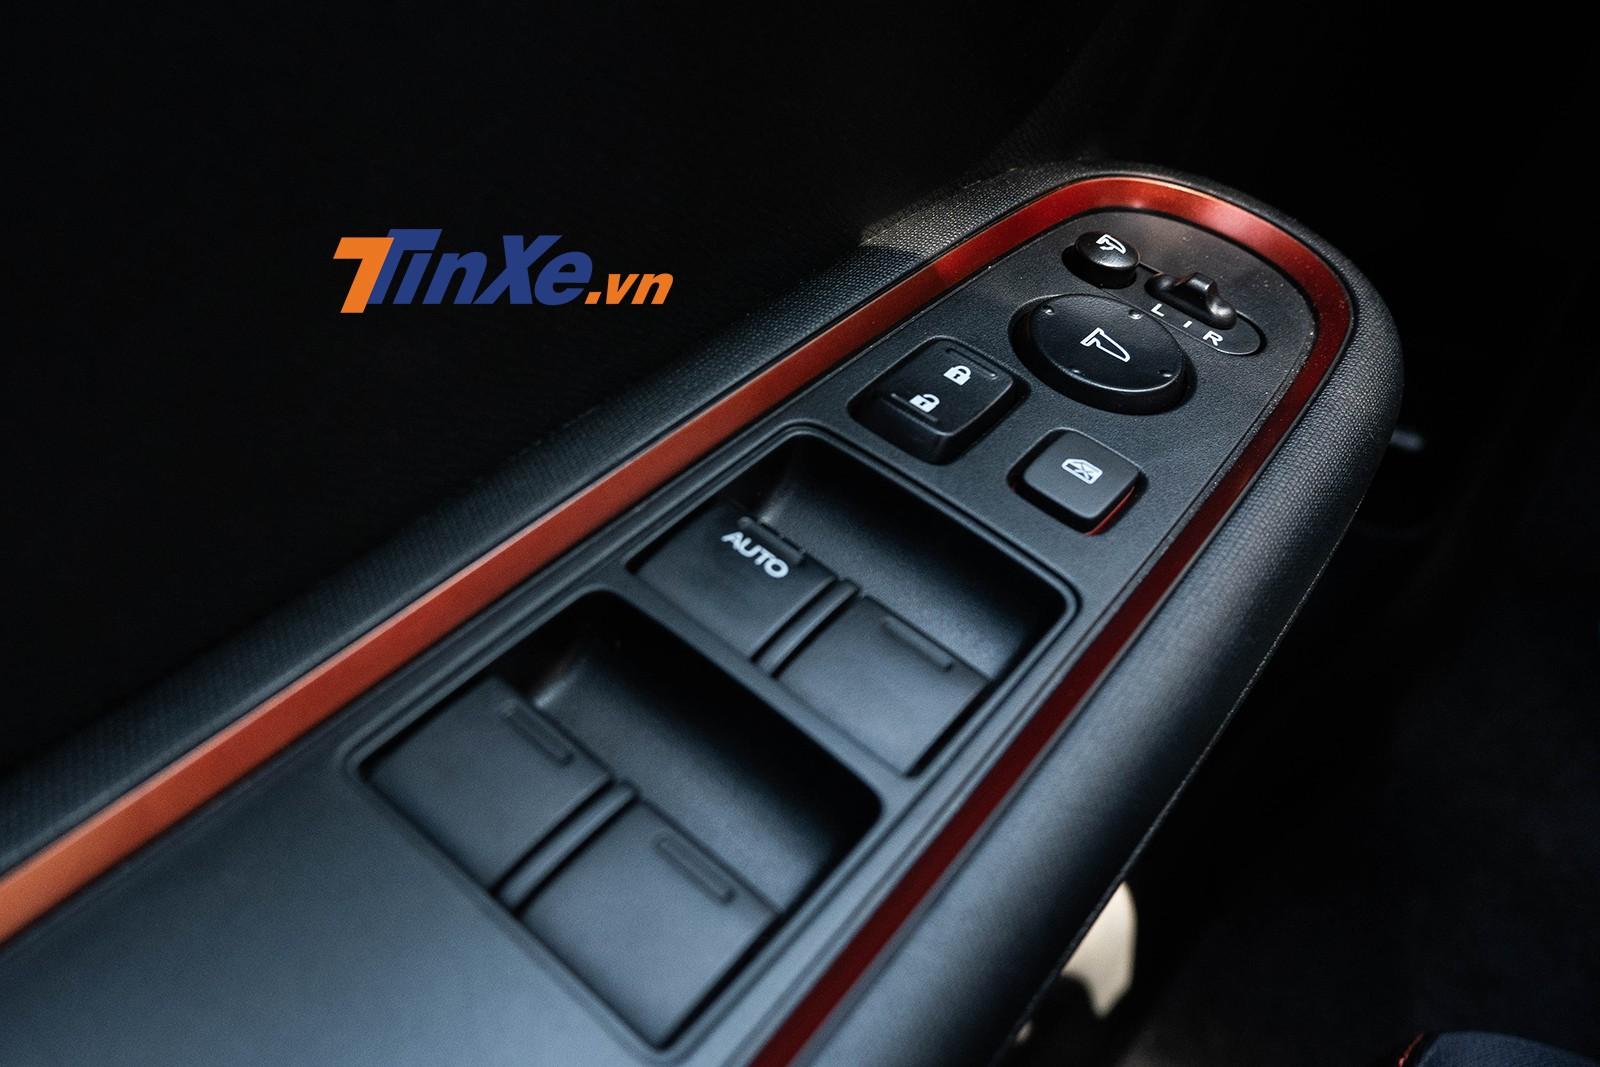 Khu vực bệ tì tay cũng có đường viền màu trang trí, duy chỉ có cửa sổ người lái là có tính năng tự động chỉnh 1 chạm